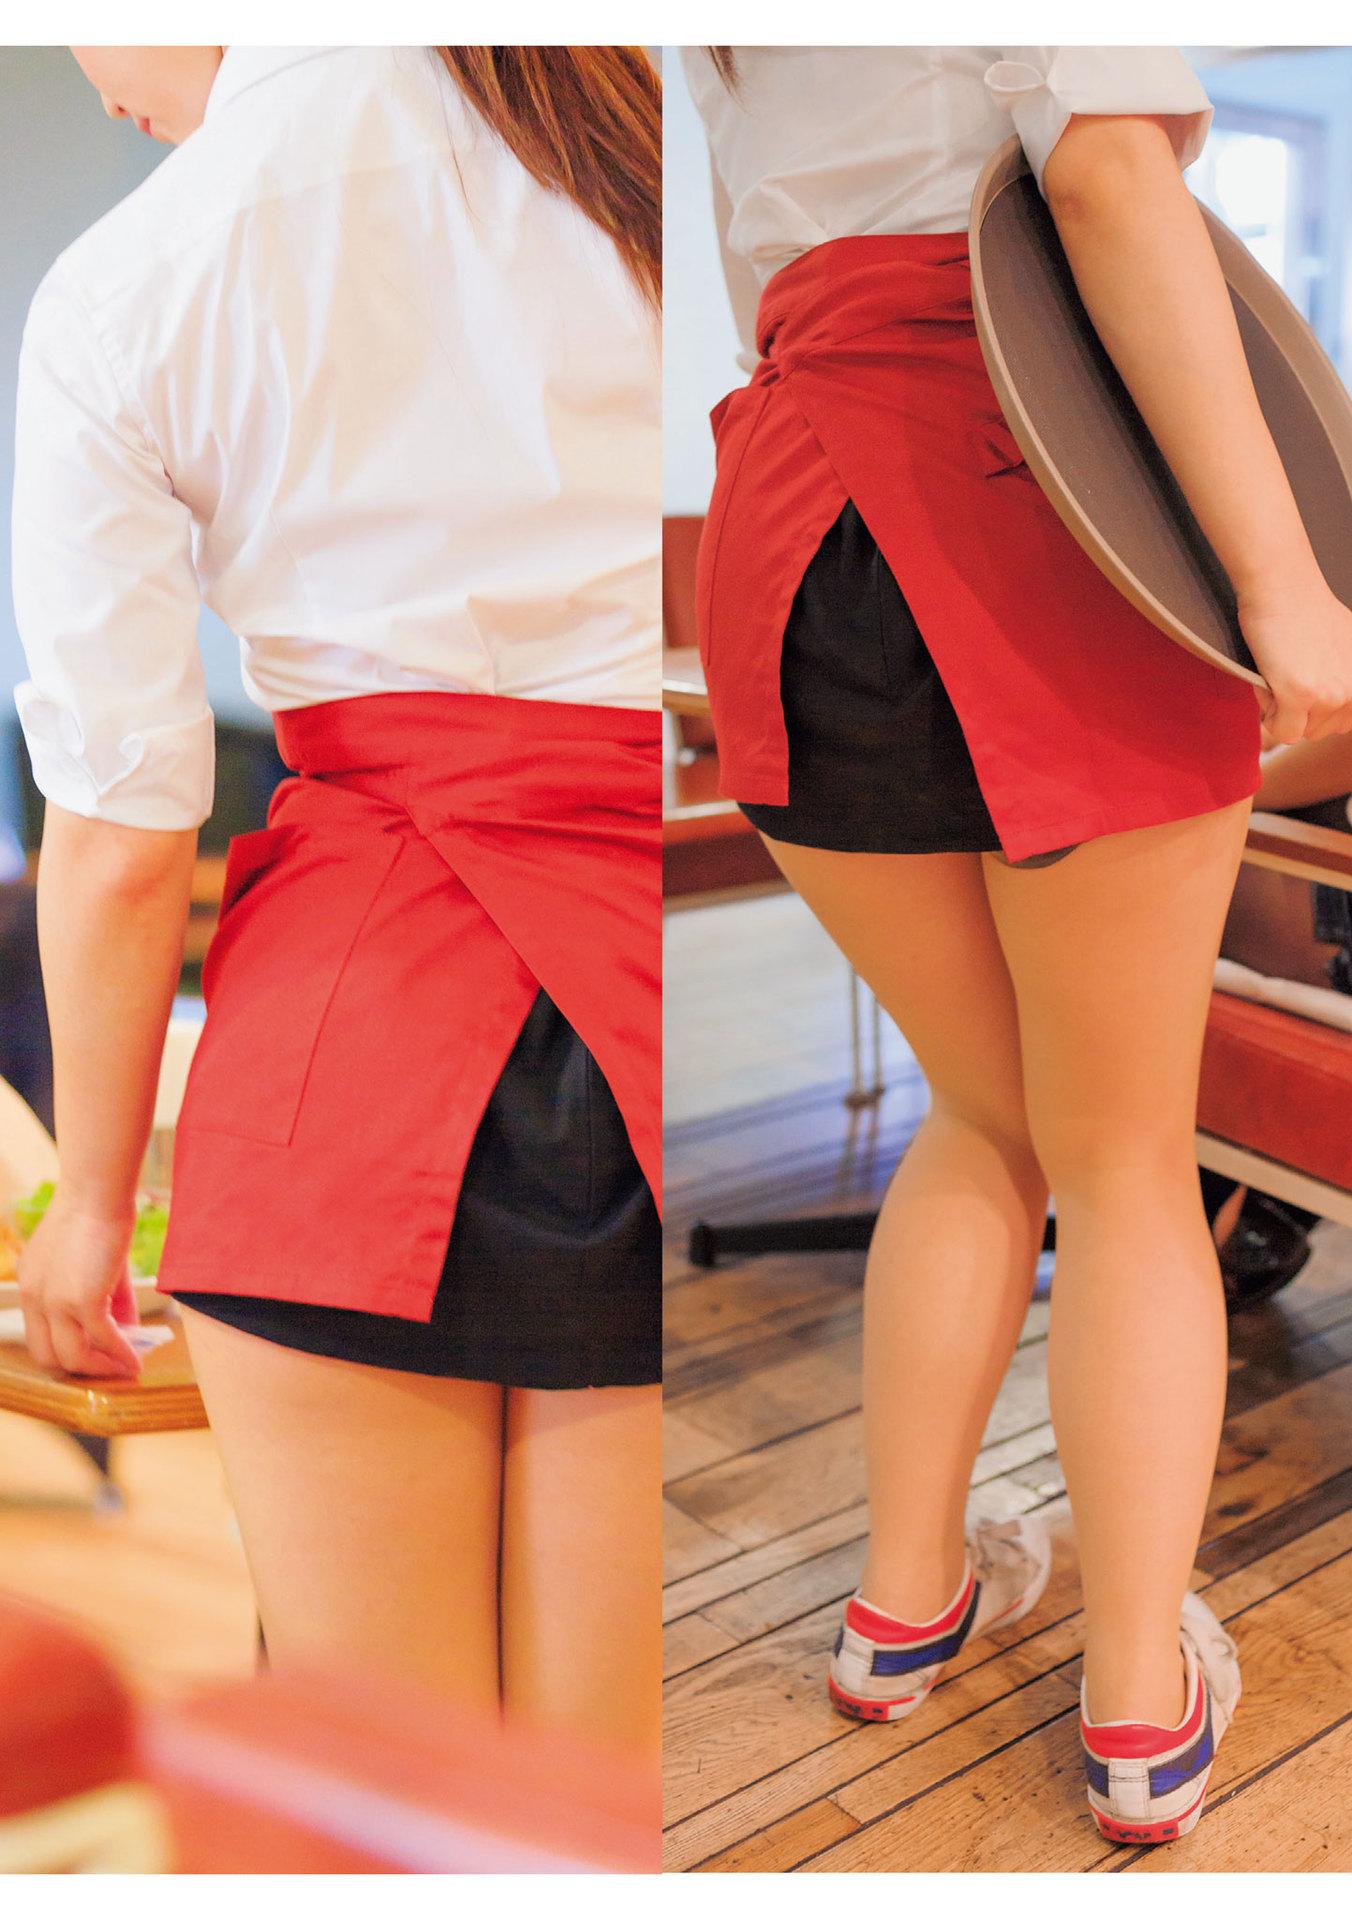 Uniform, swimsuit, underwear yukata071